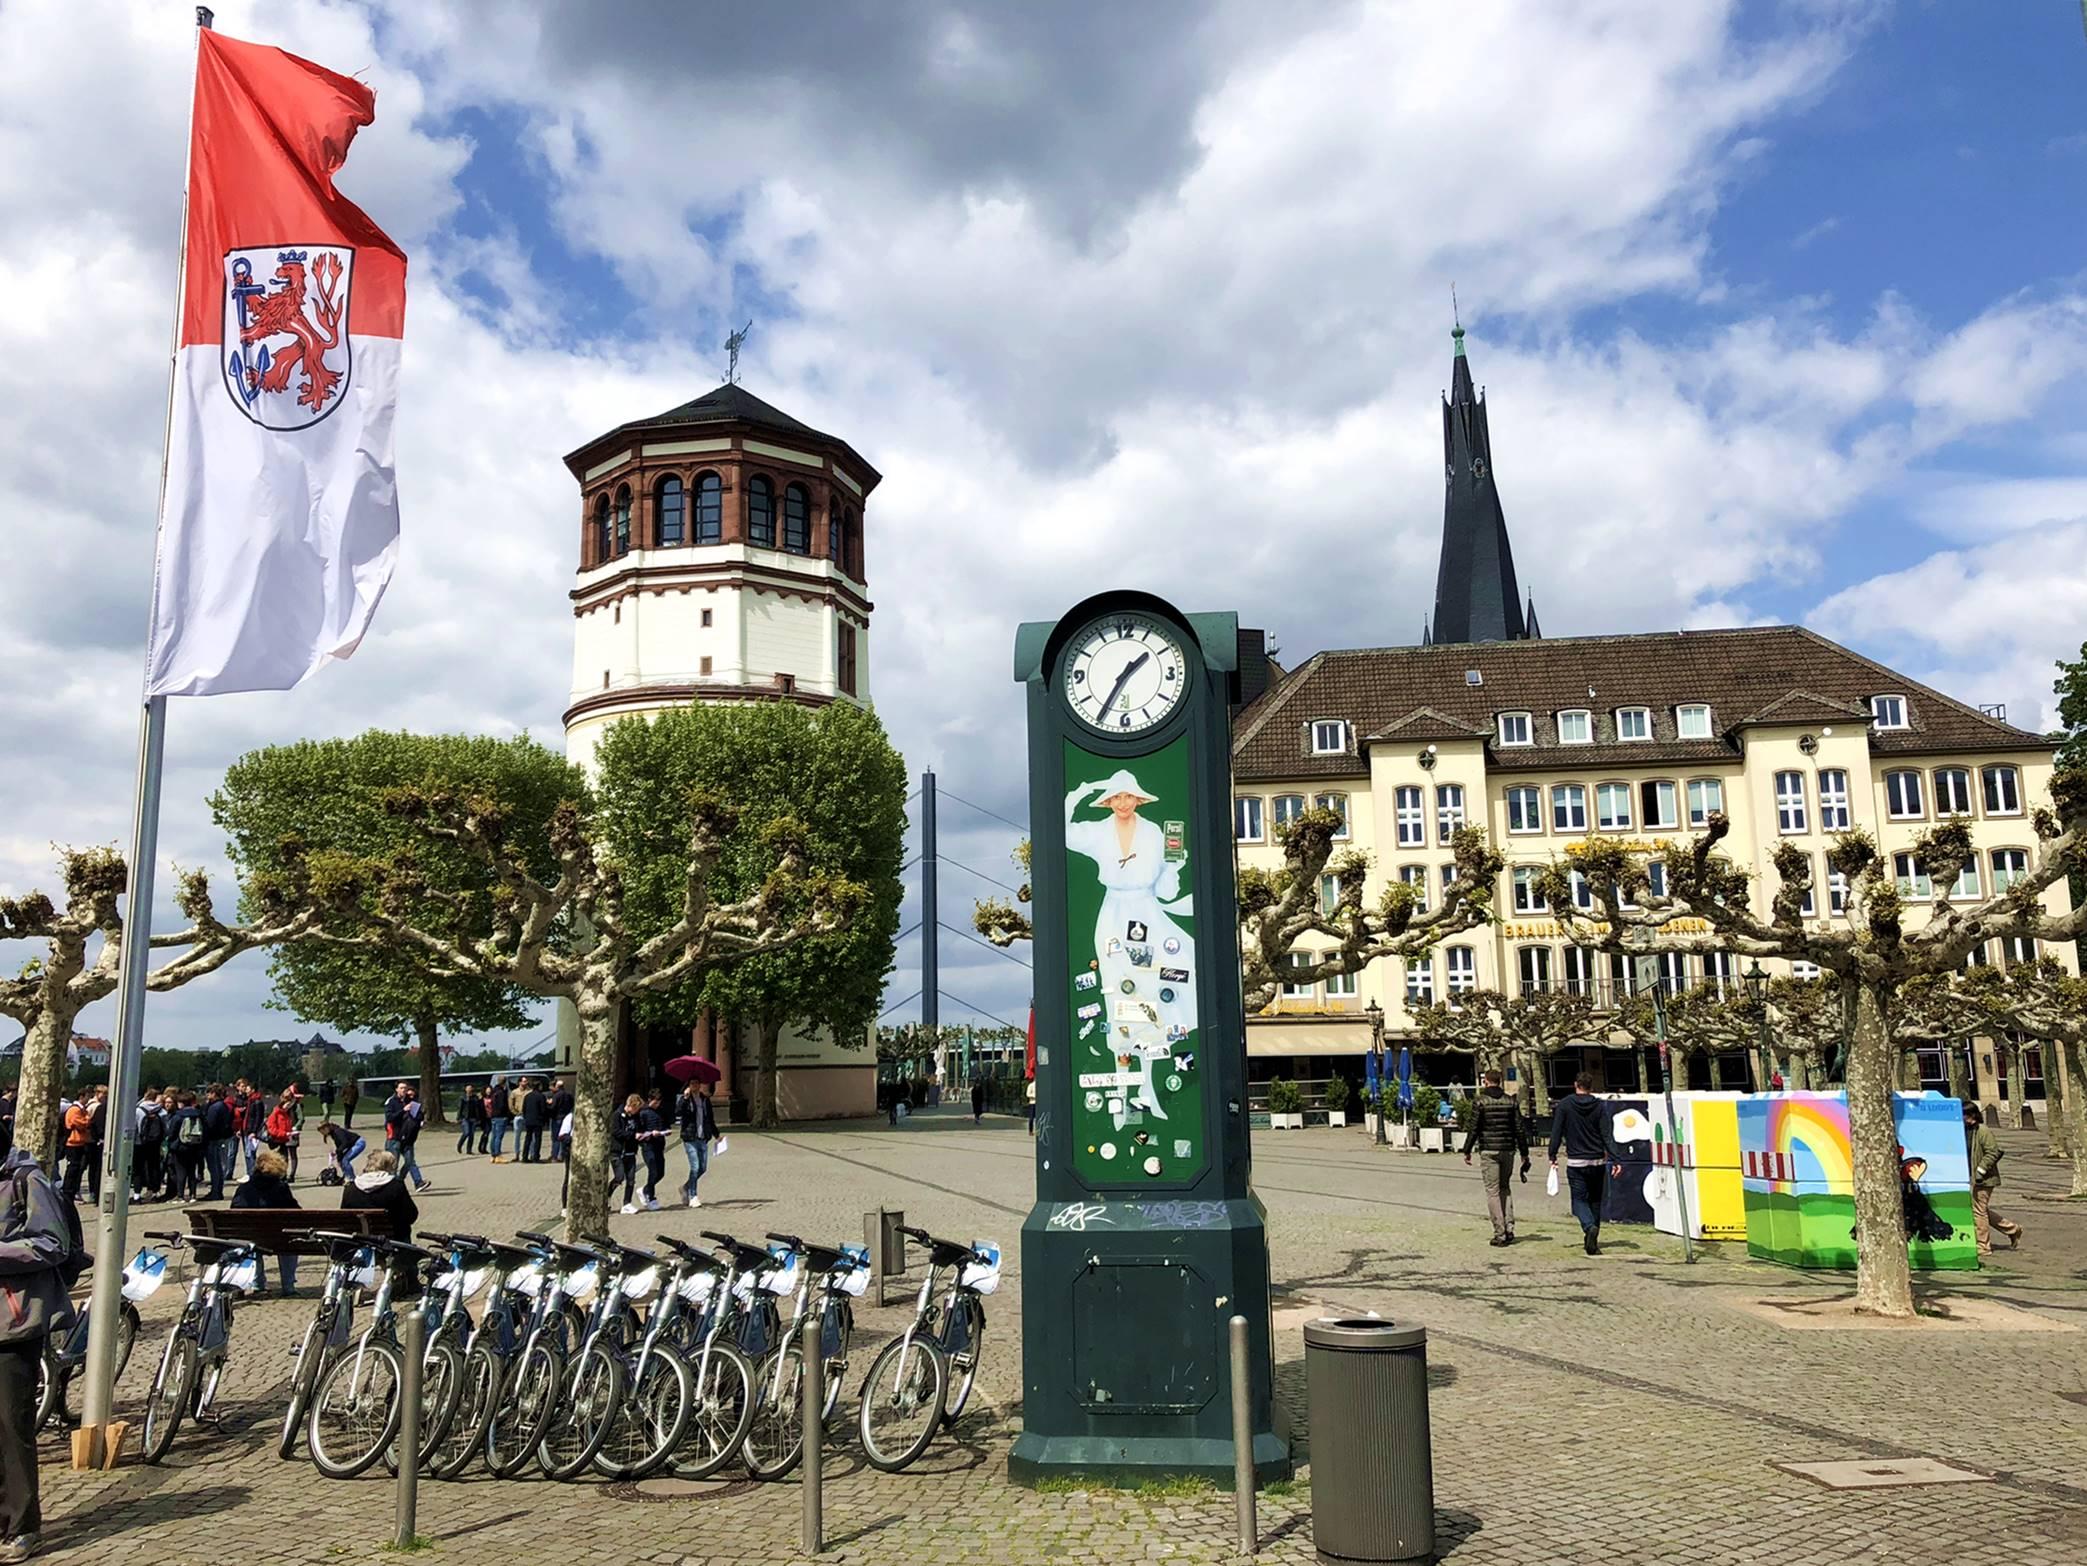 dusseldorf_alemanha_burgplatz_1